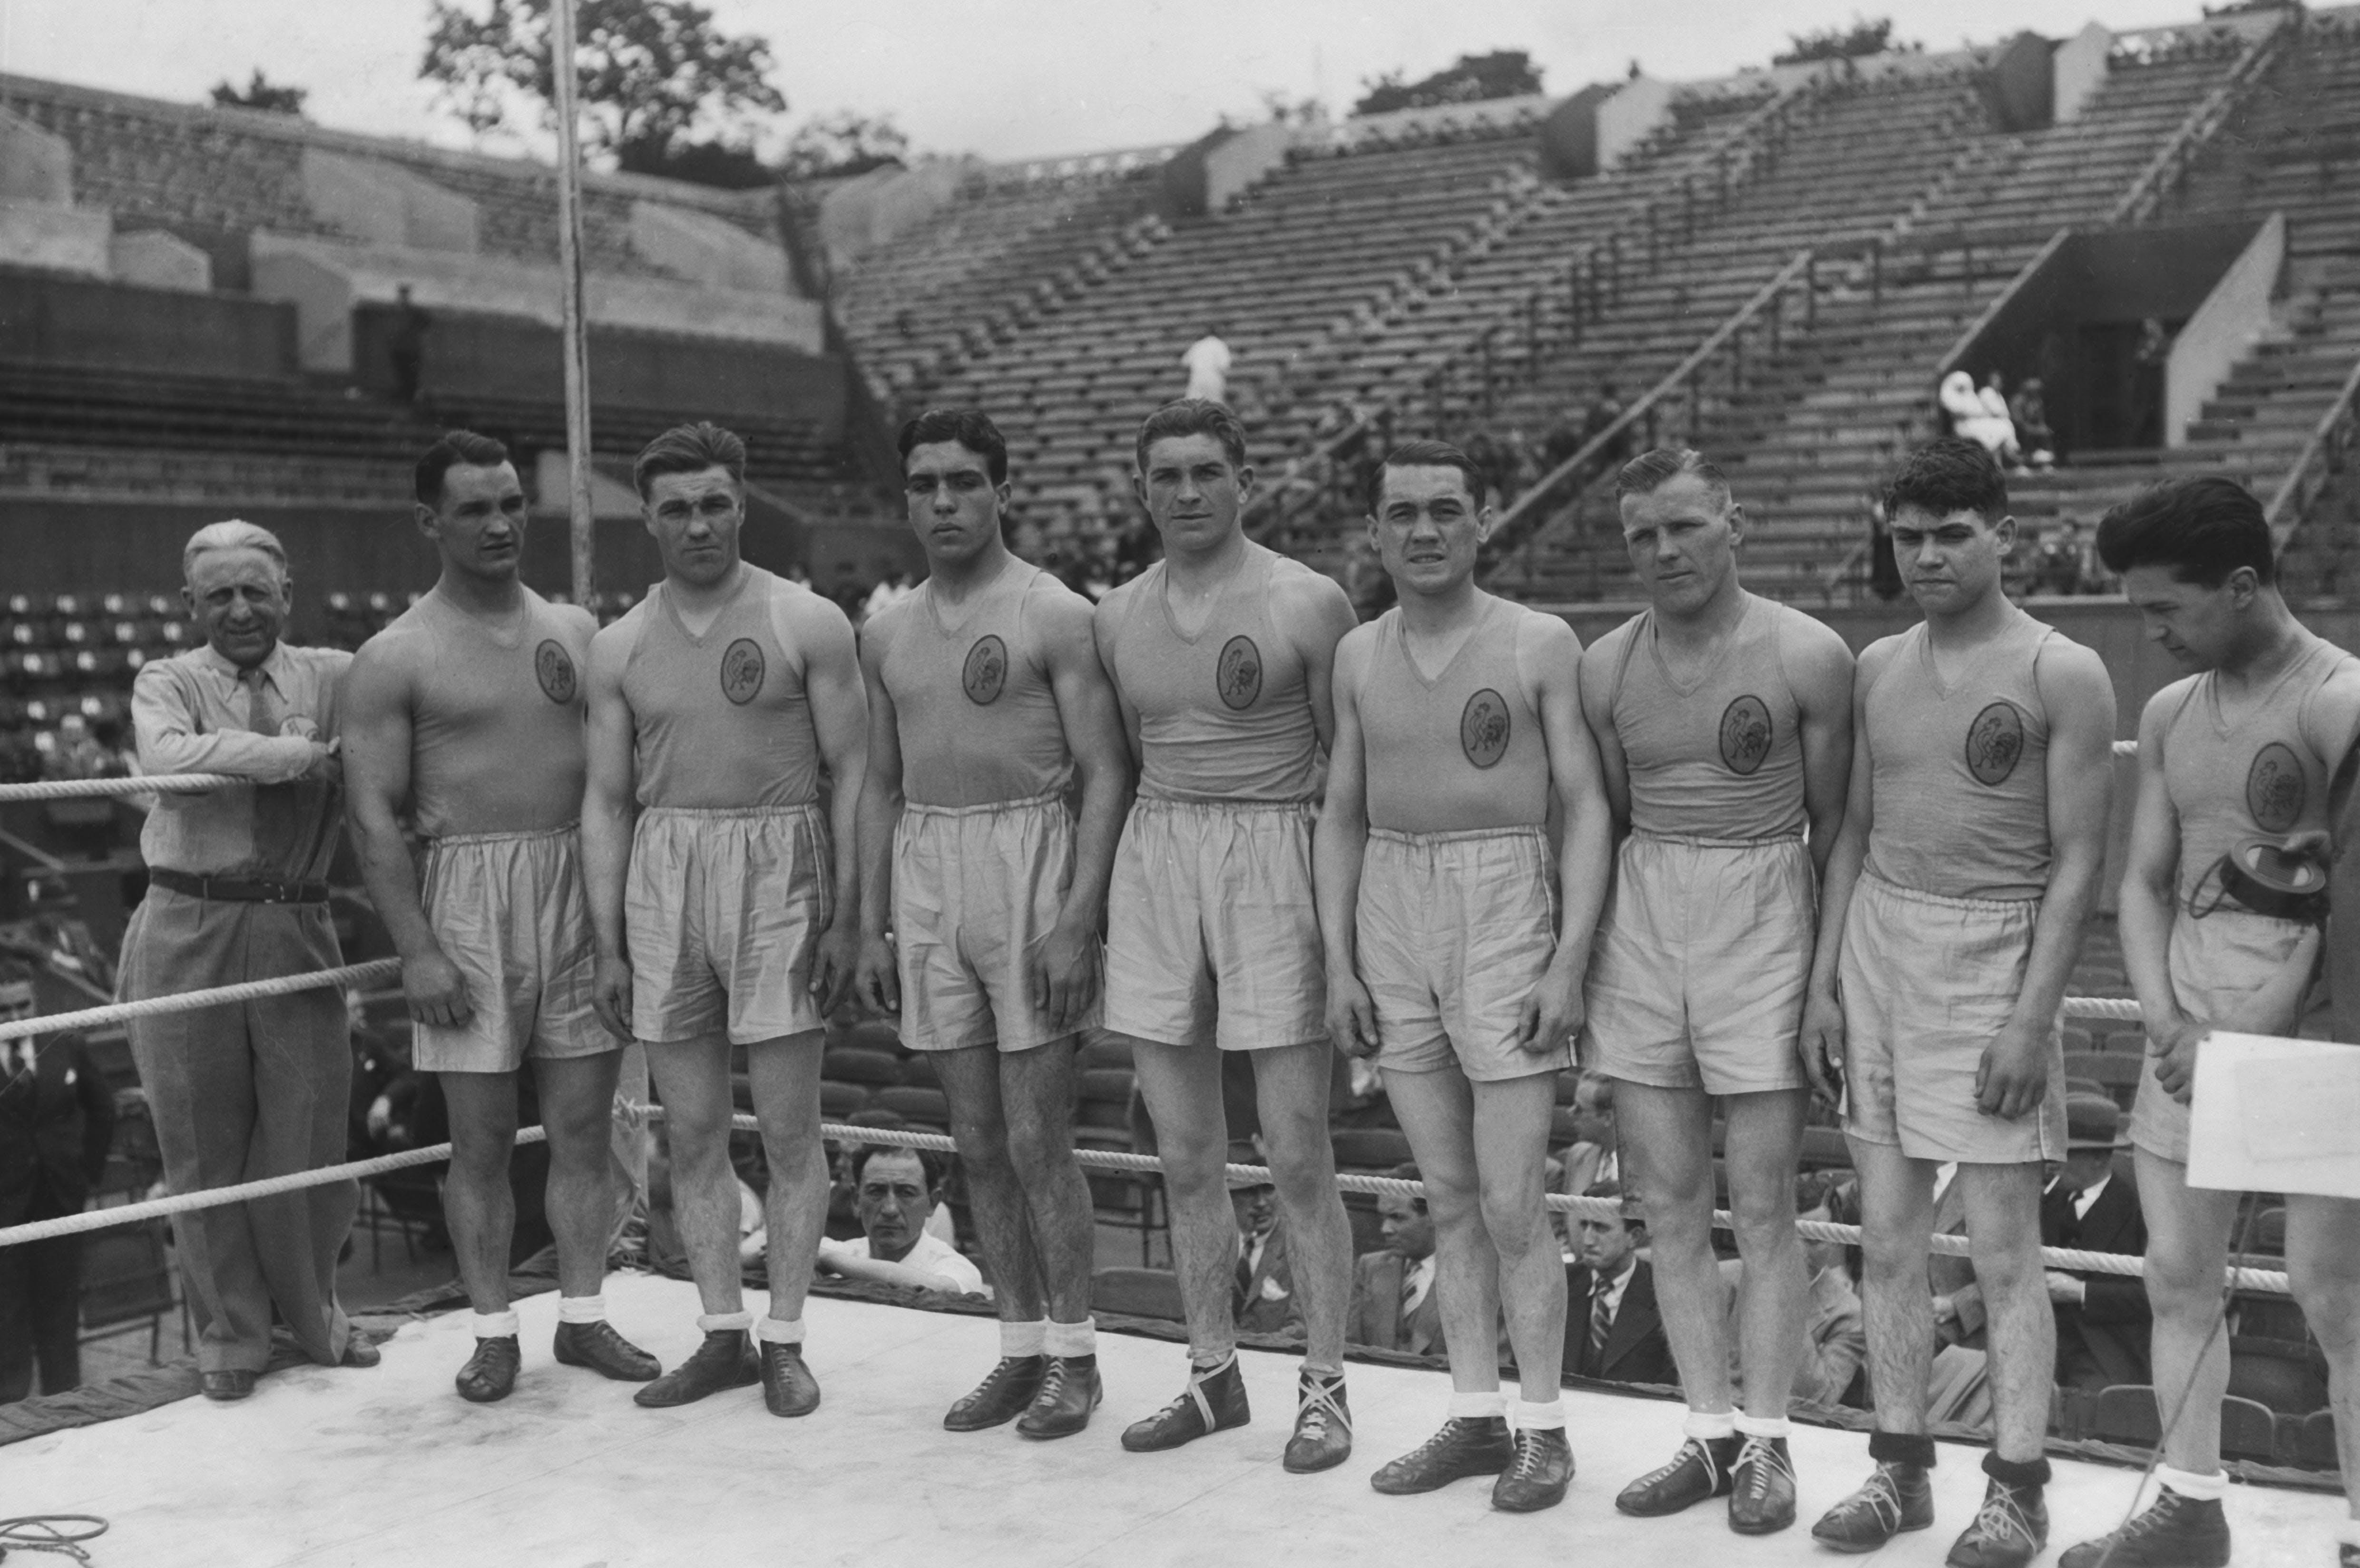 14-15 juin 1935 - Boxe Tournoi préolympique Roland-Garros